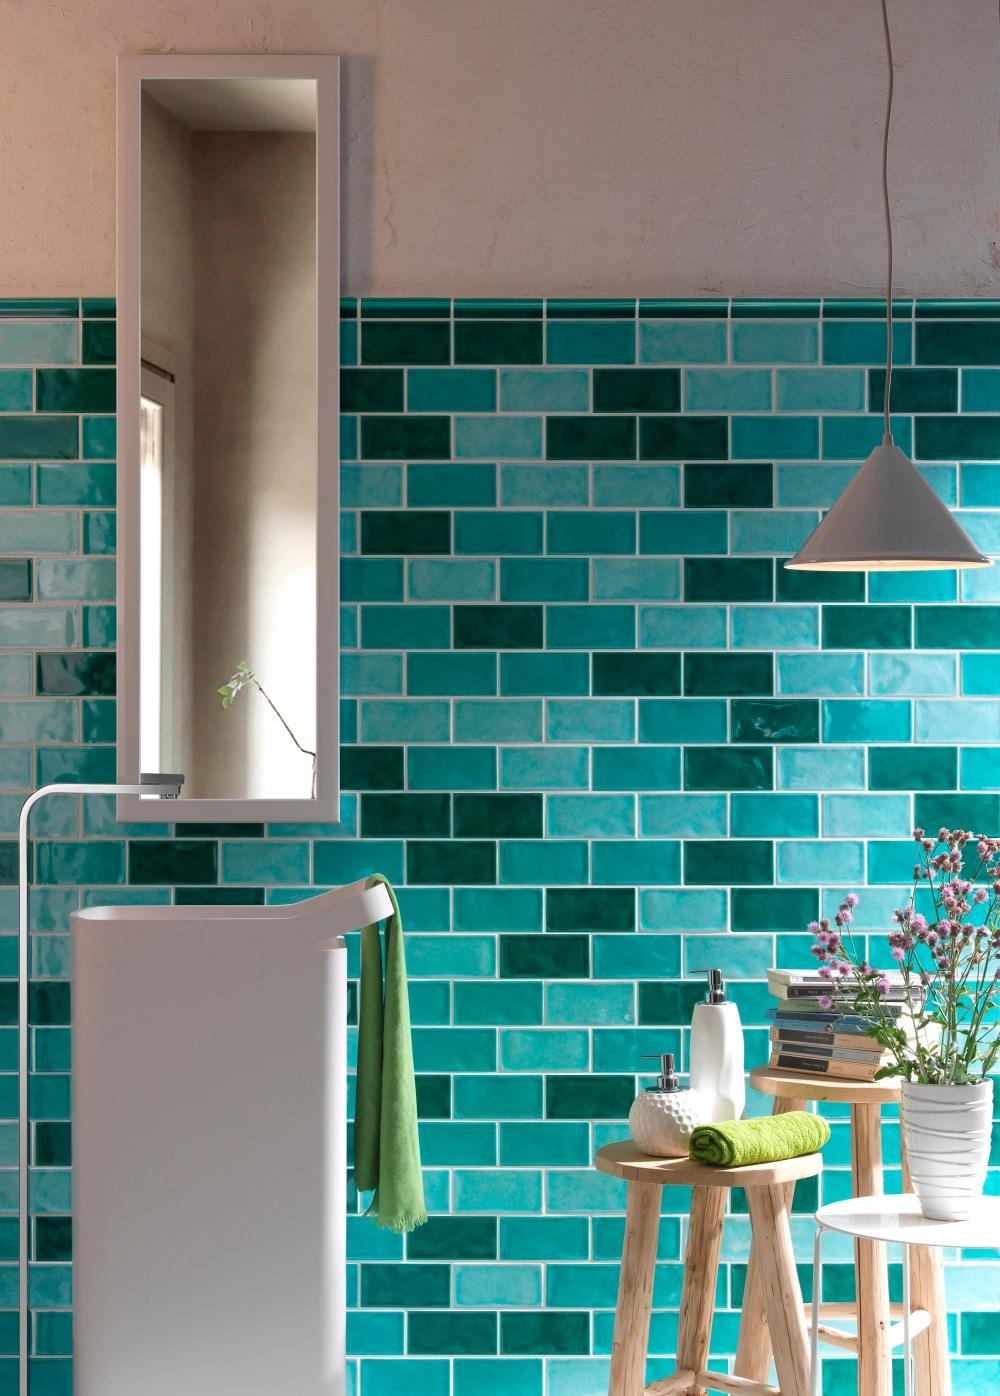 Kakeldaxgruppen-Krakle-badrumsmiljö med olika nyanser av grönt på väggen